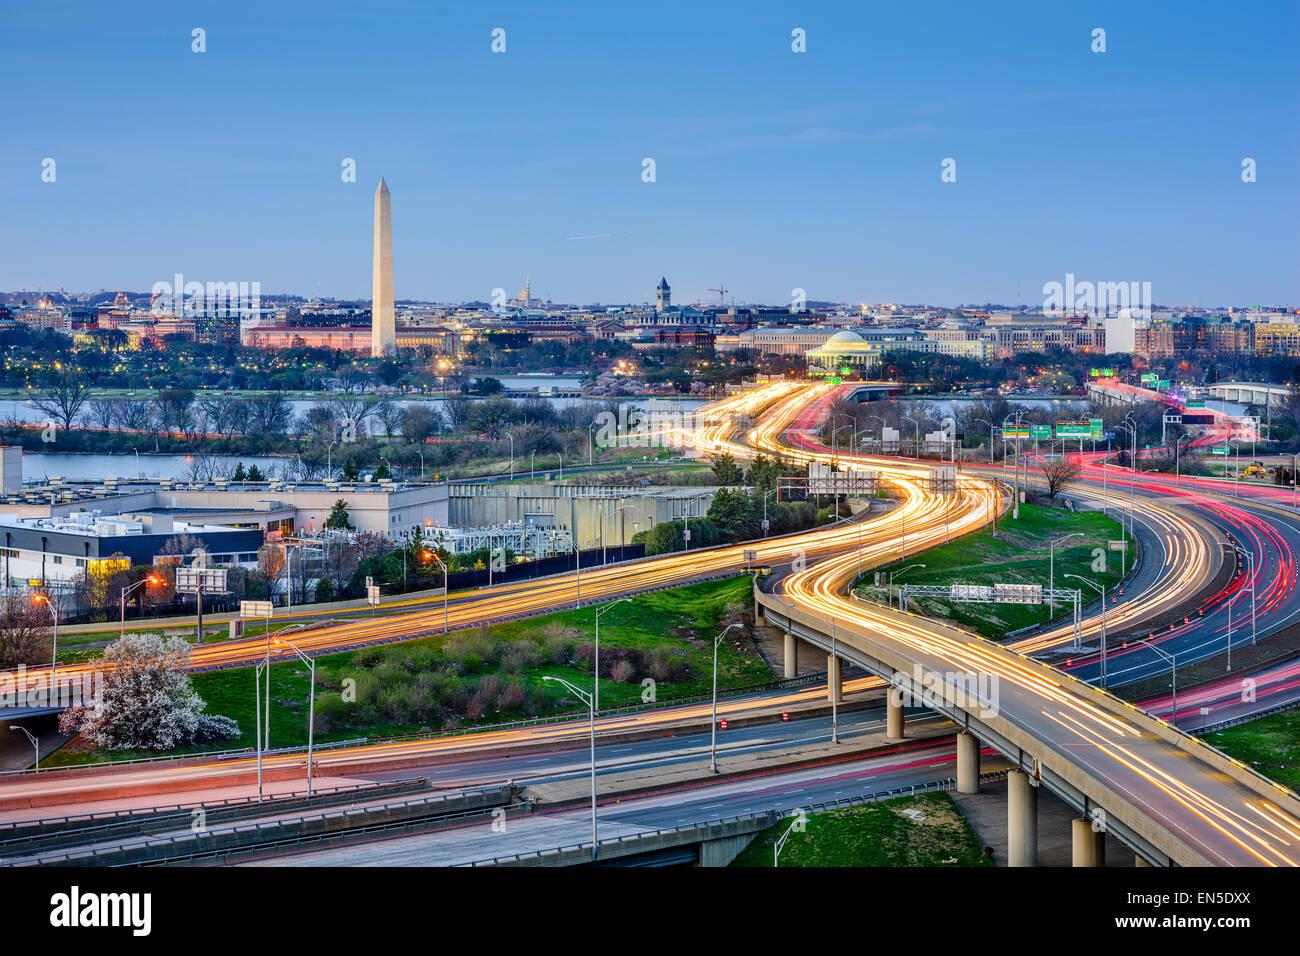 Washington, DC skyline of monuments and highways. - Stock Image